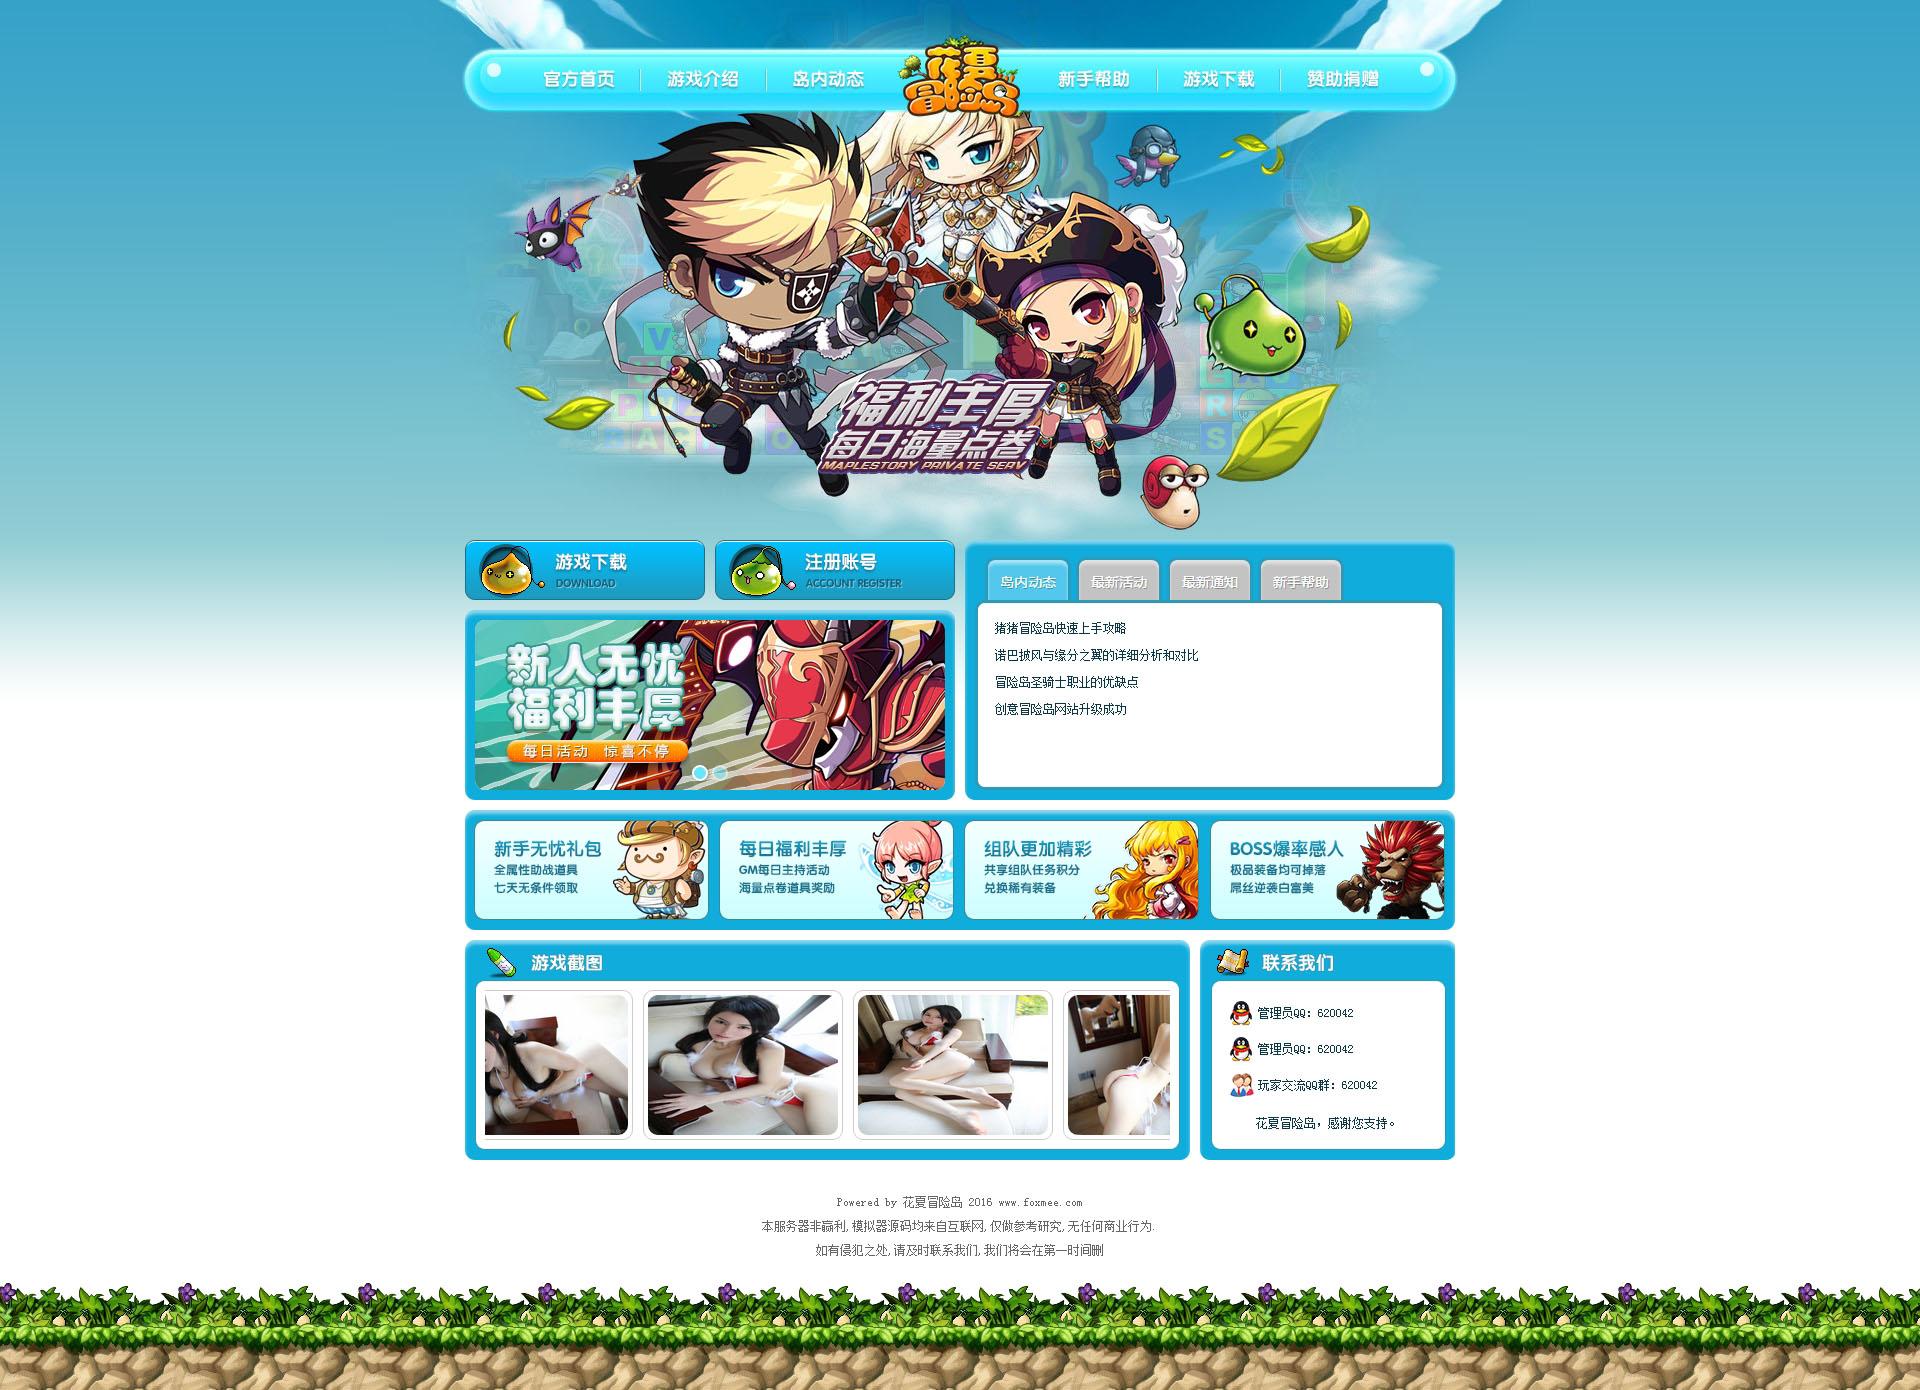 花夏冒险岛官方网站 ASP游戏网站源码网站 冒险岛网站源码